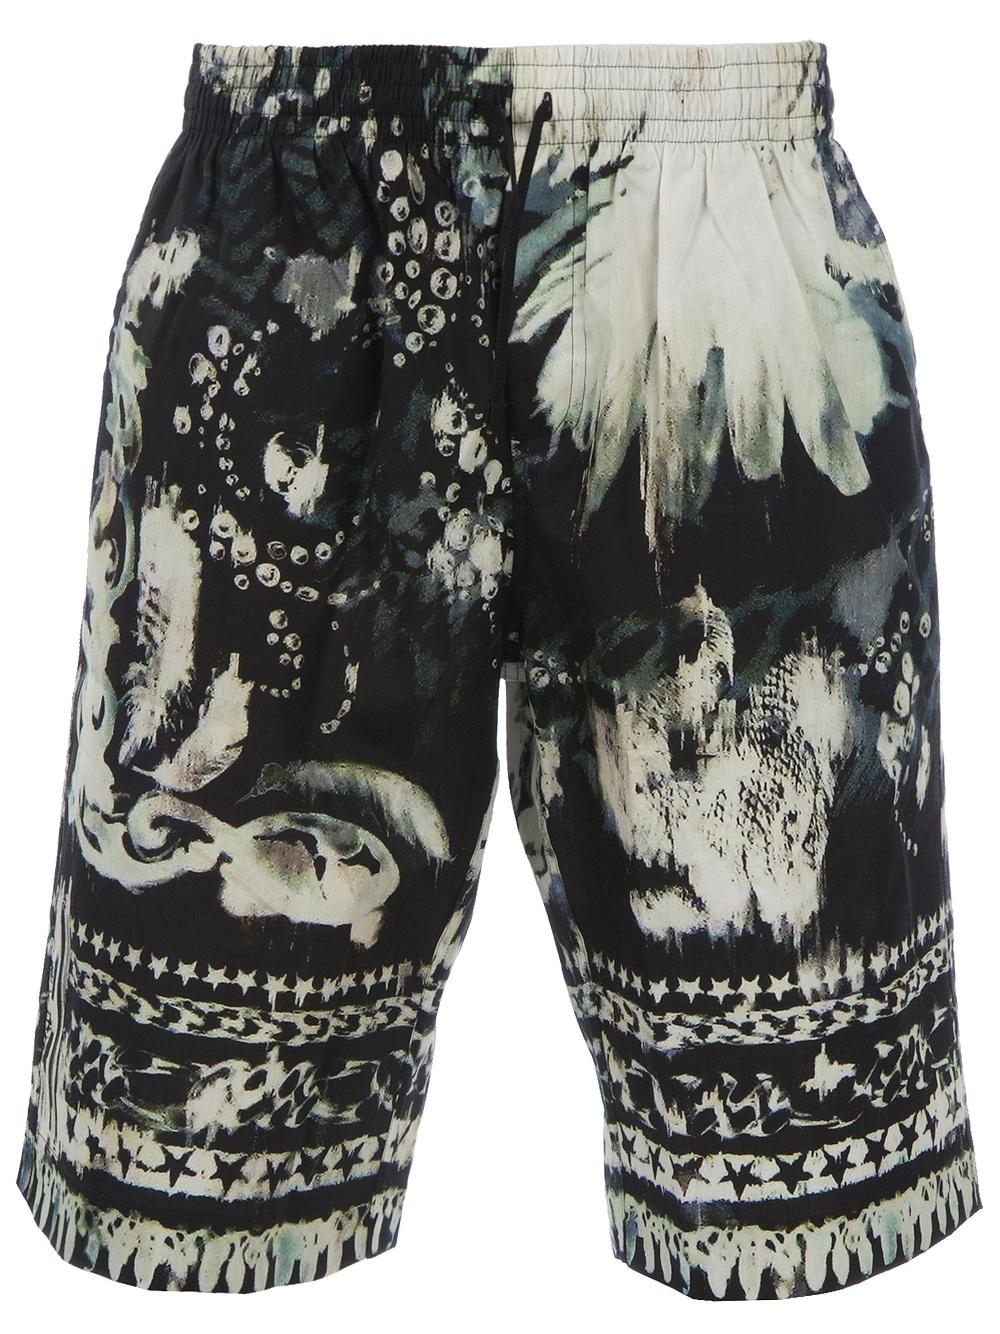 Balmain SS12 Shorts